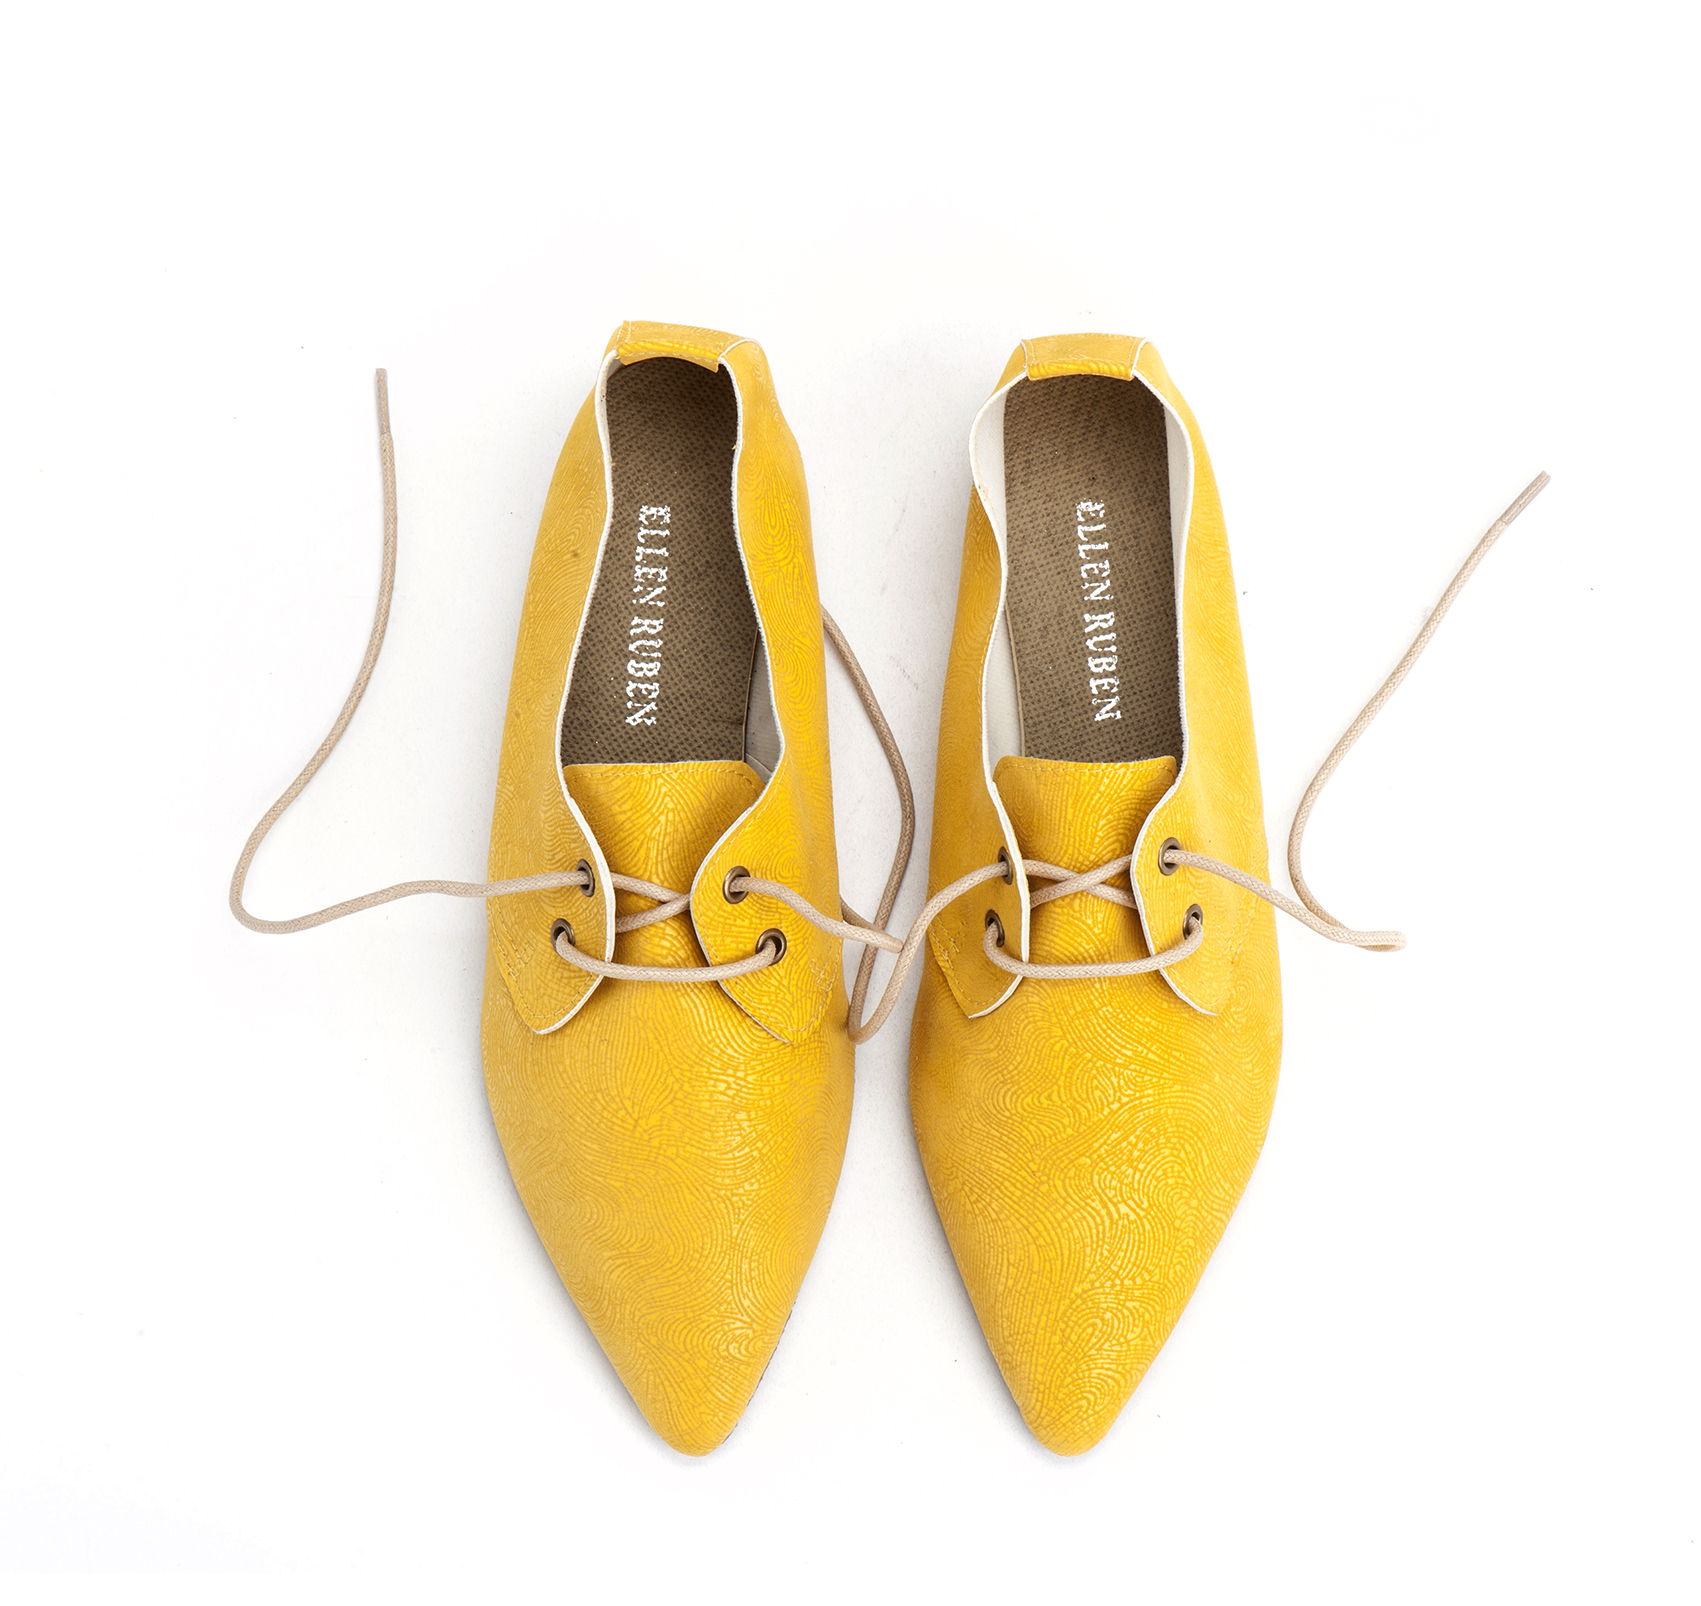 נעליים טבעוניות, אלן רובין, 350₪